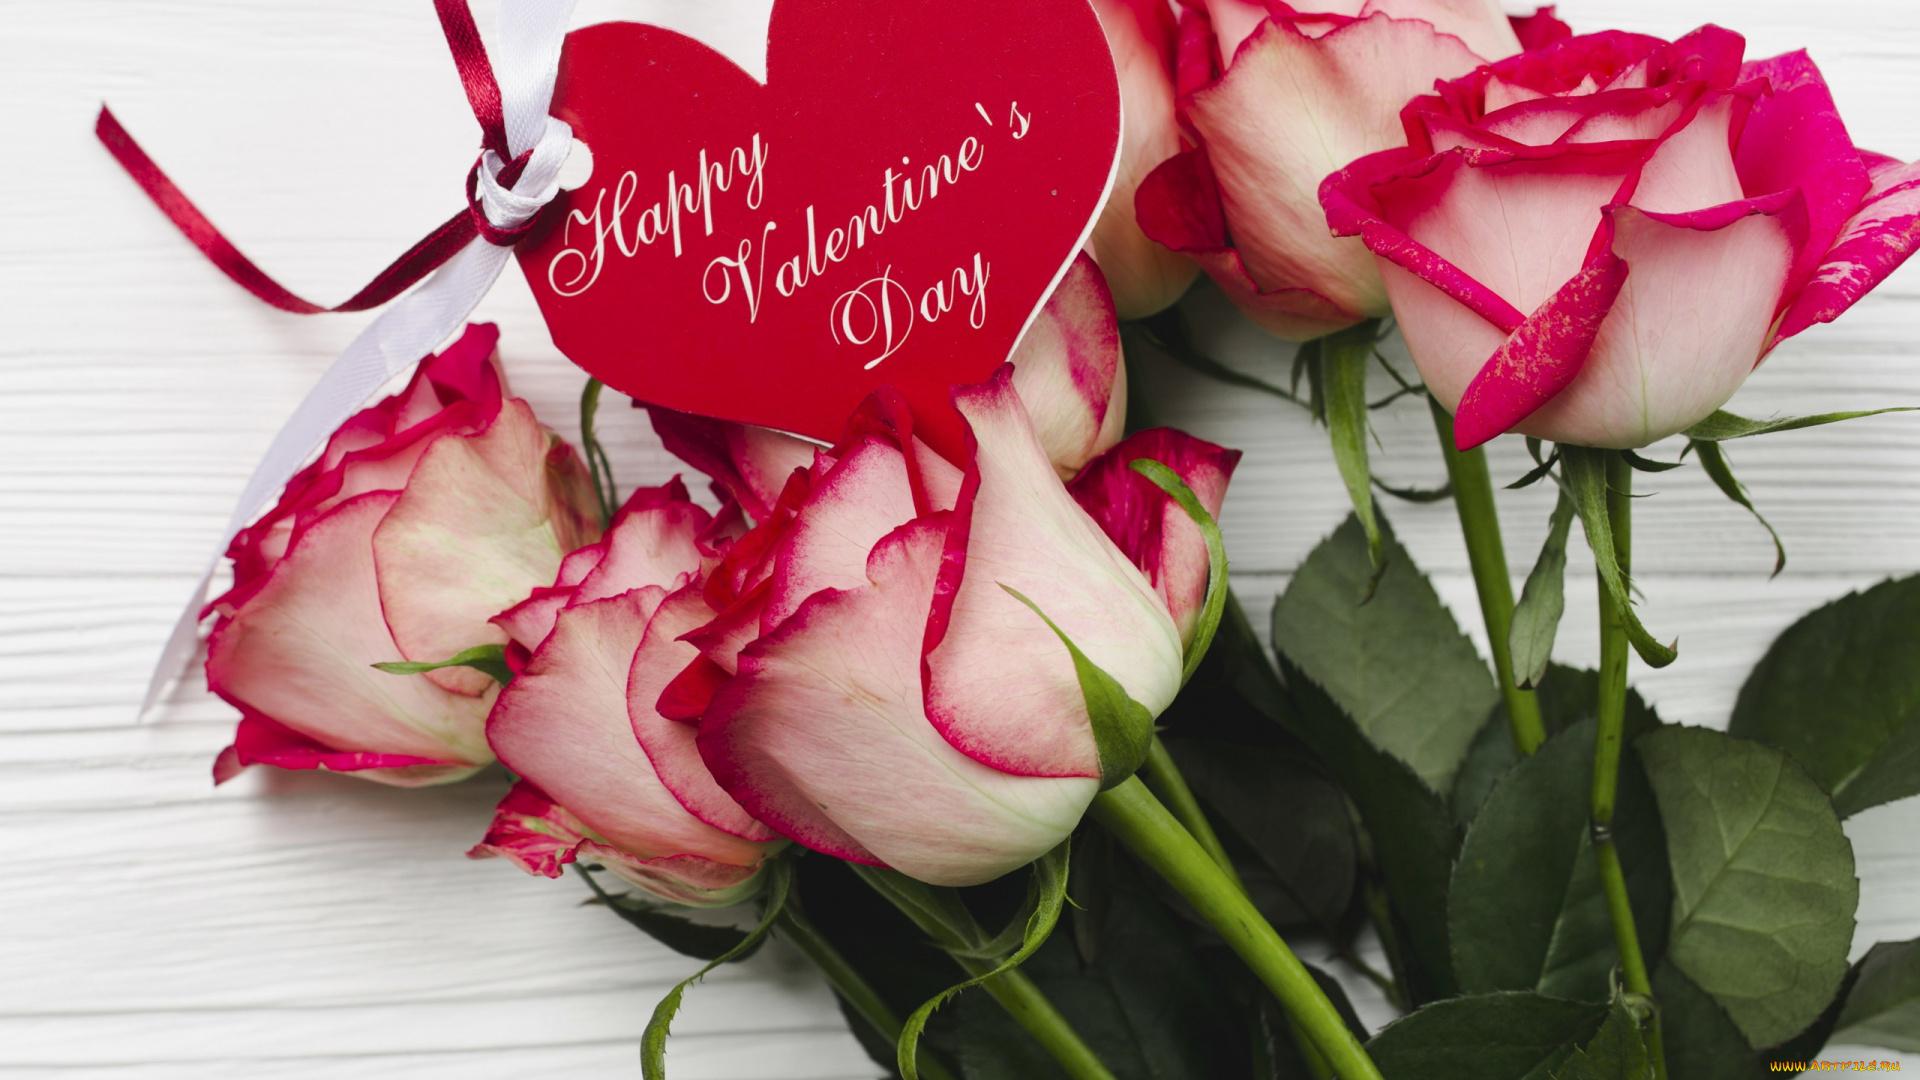 Картинки с красивые с цветами и пожеланиями для любимой